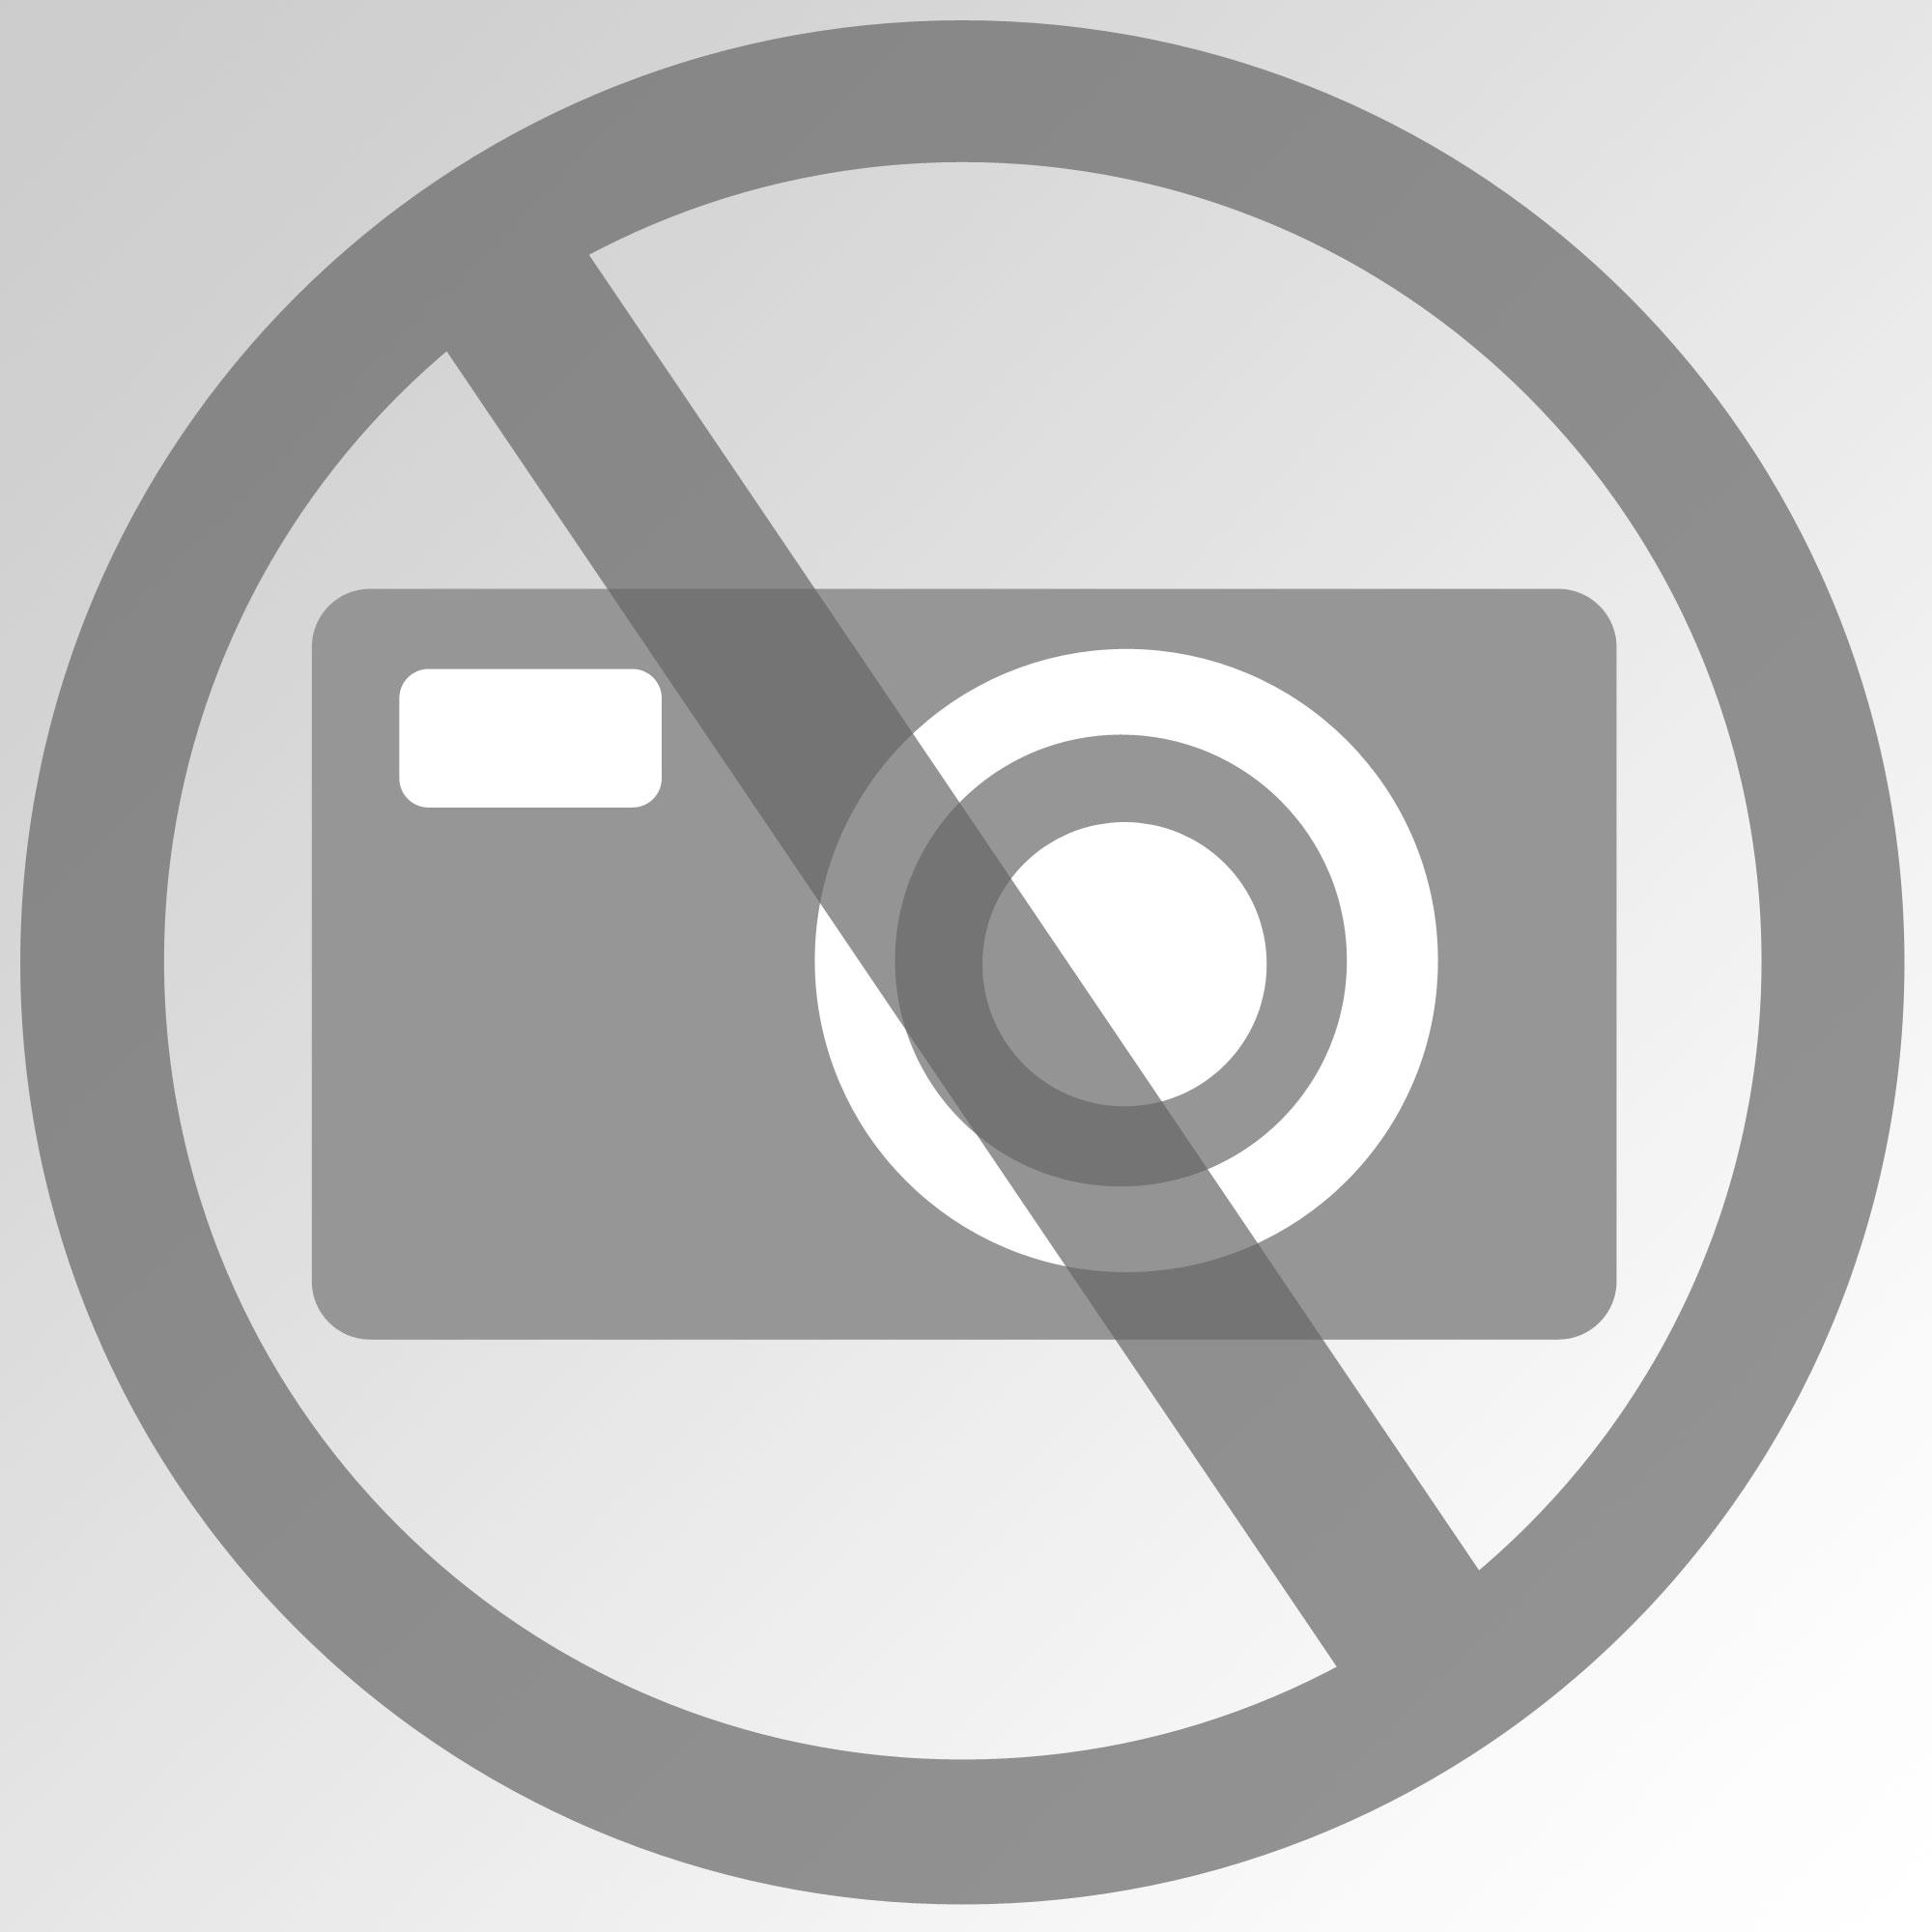 Kleen Purgatis Prodon 10 Ltr. Werkstatt- und Industriereiniger